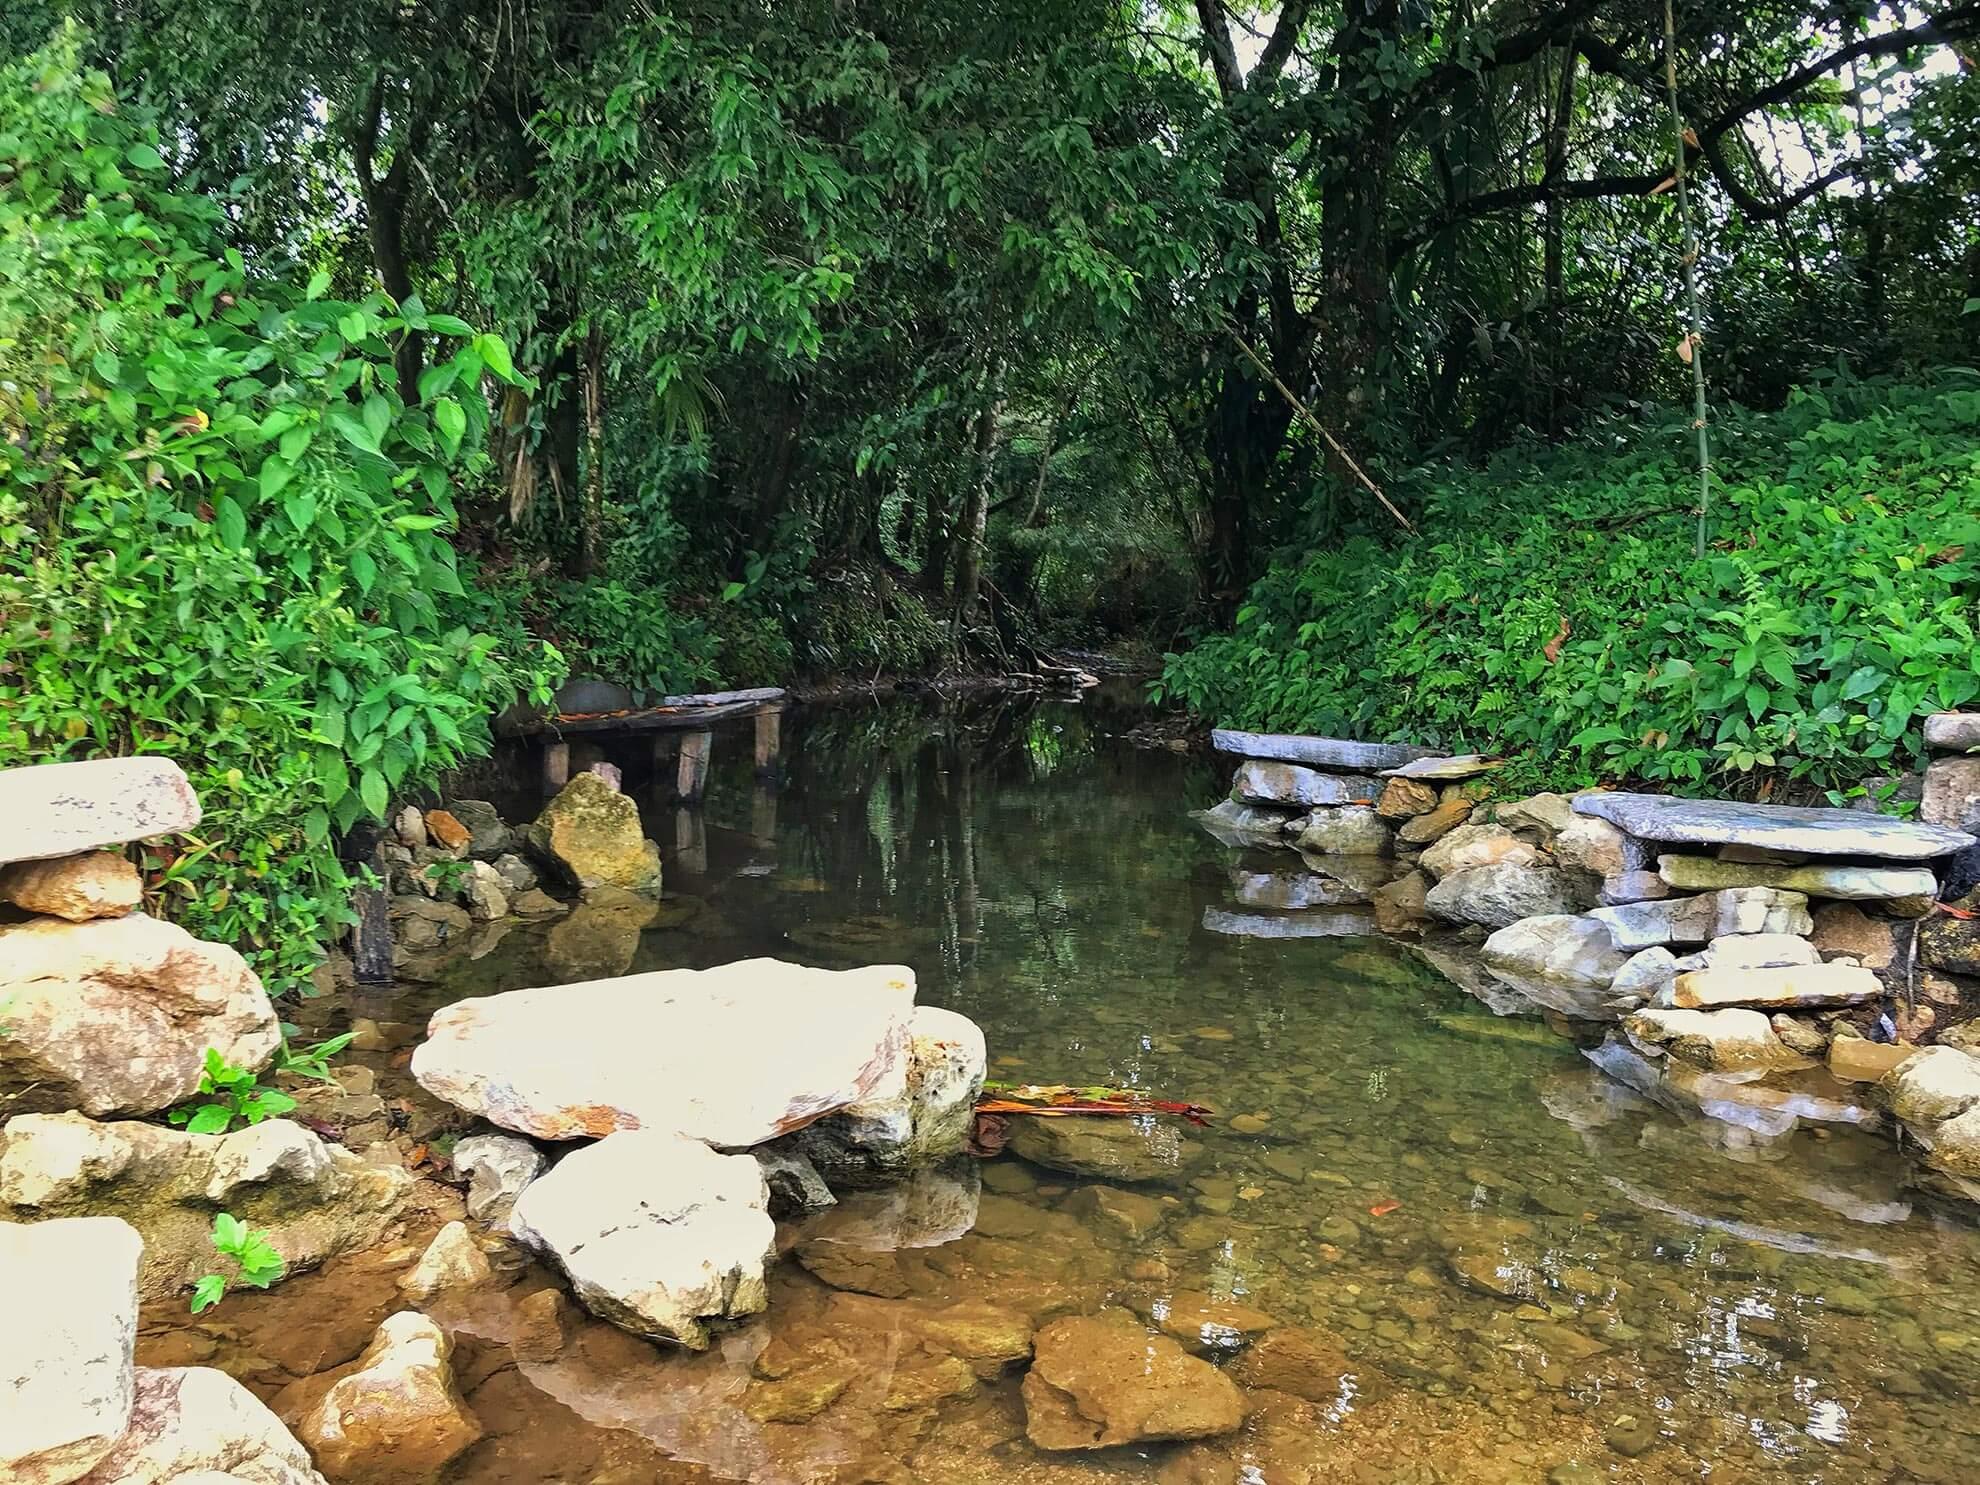 Creek in Belize